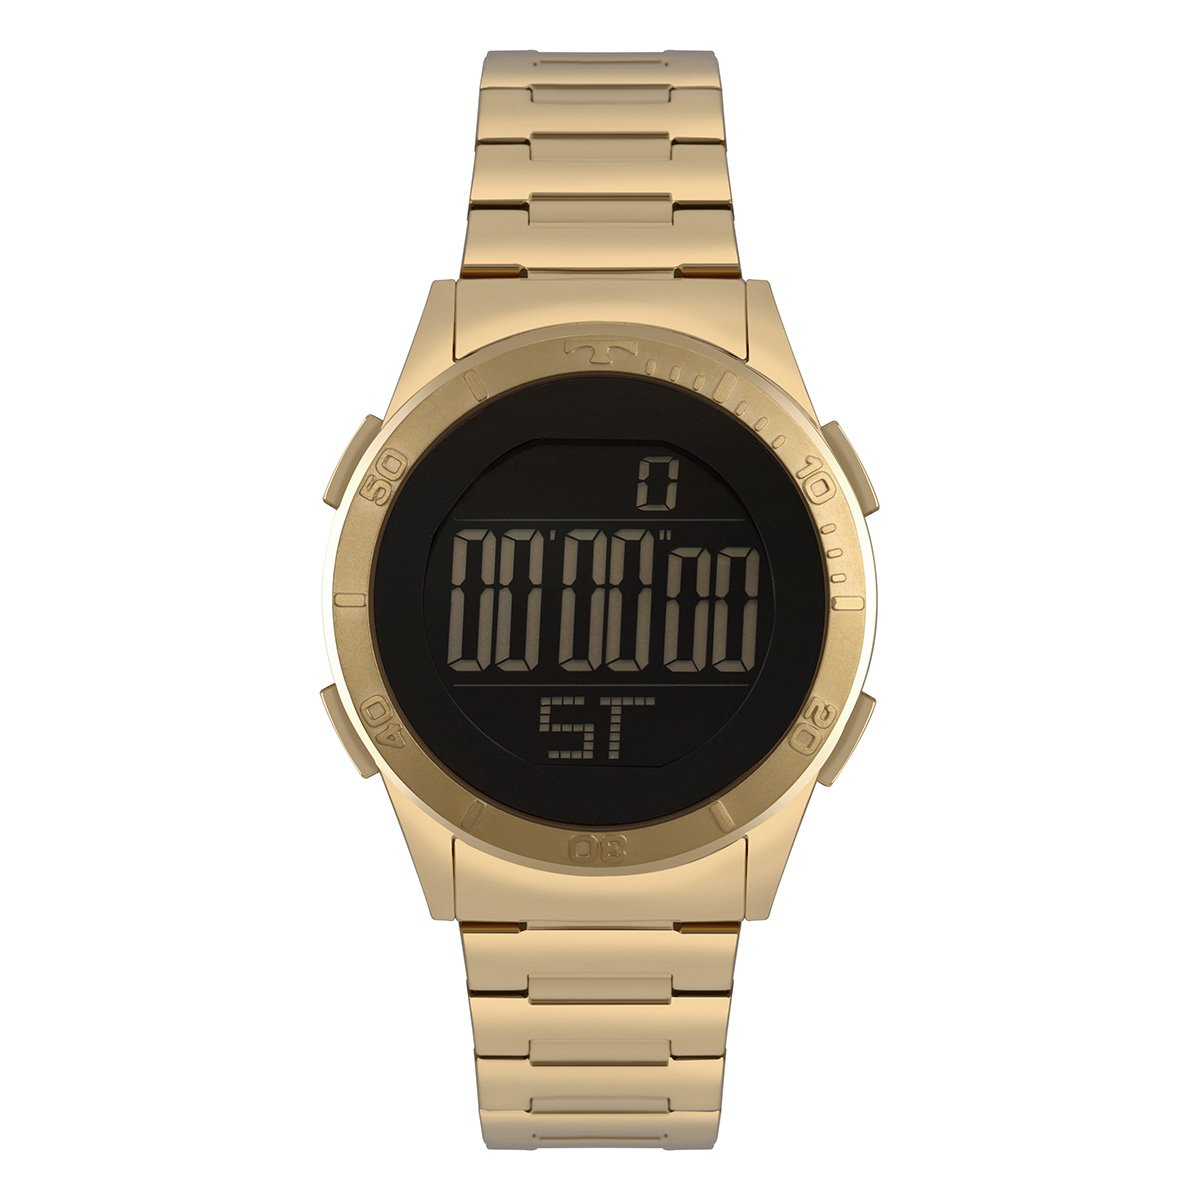 Relógio Technos Digital BJ3361AB/4P Feminino